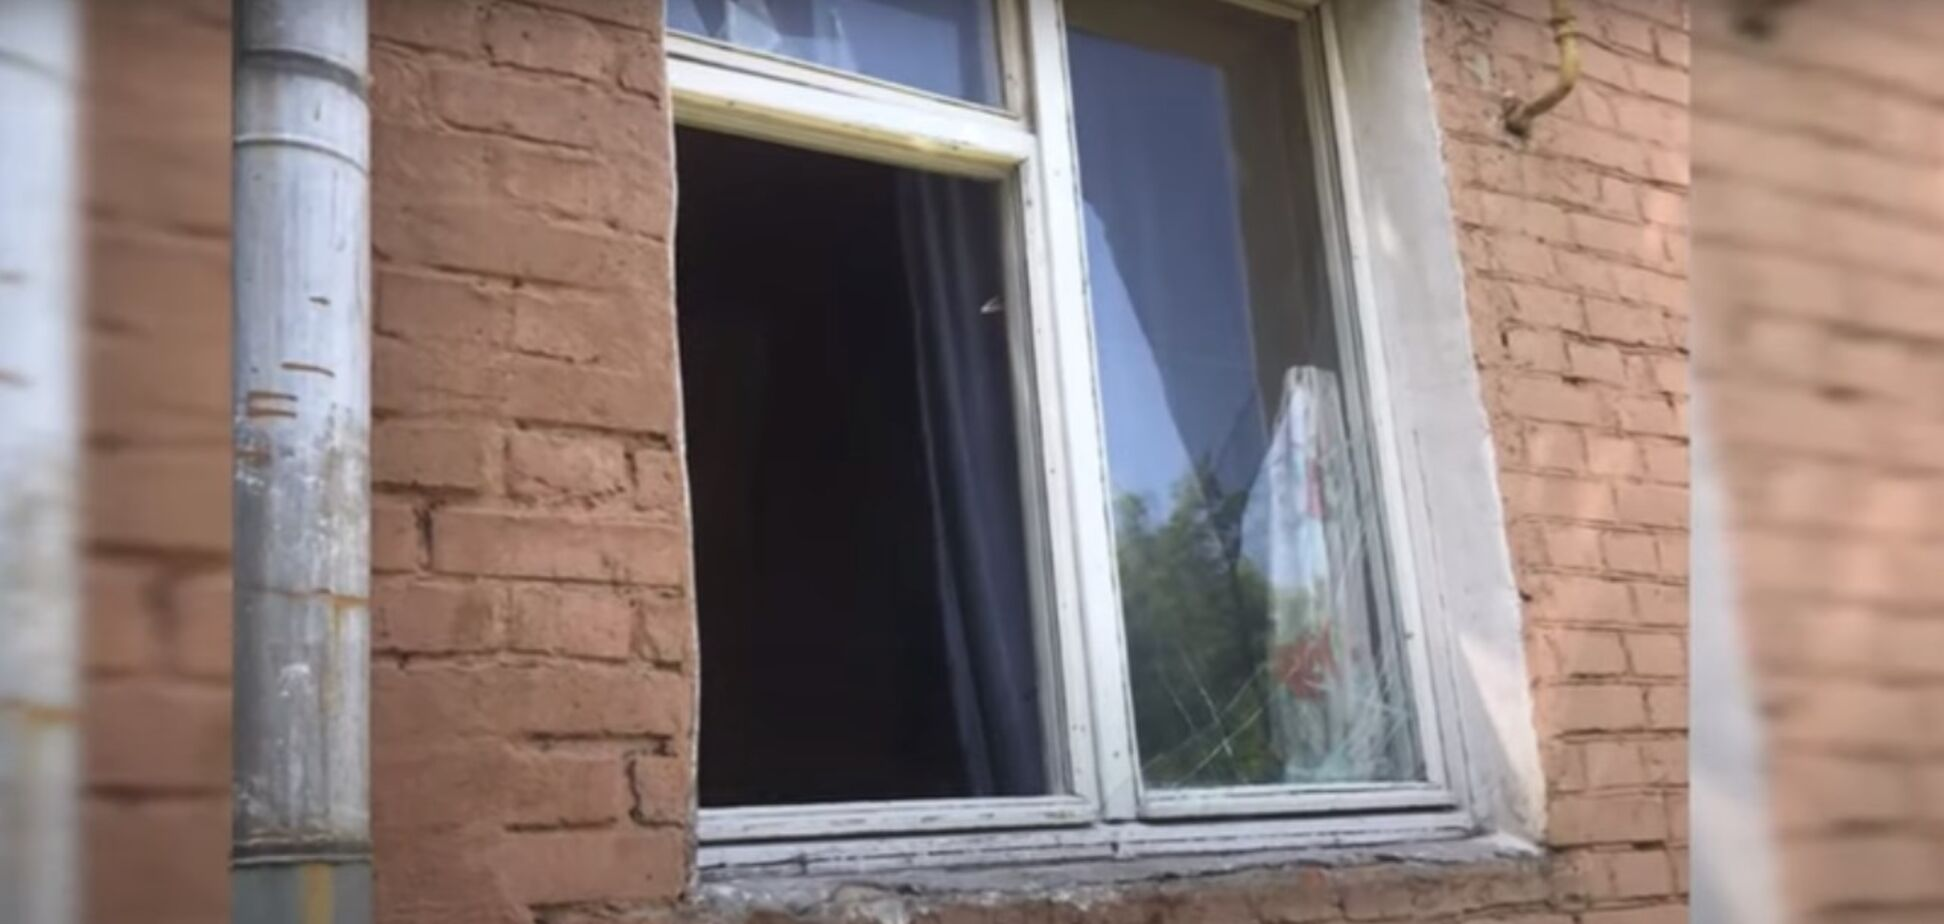 На Киевщине мужчина выбросил из окна ребенка: мальчик в реанимации